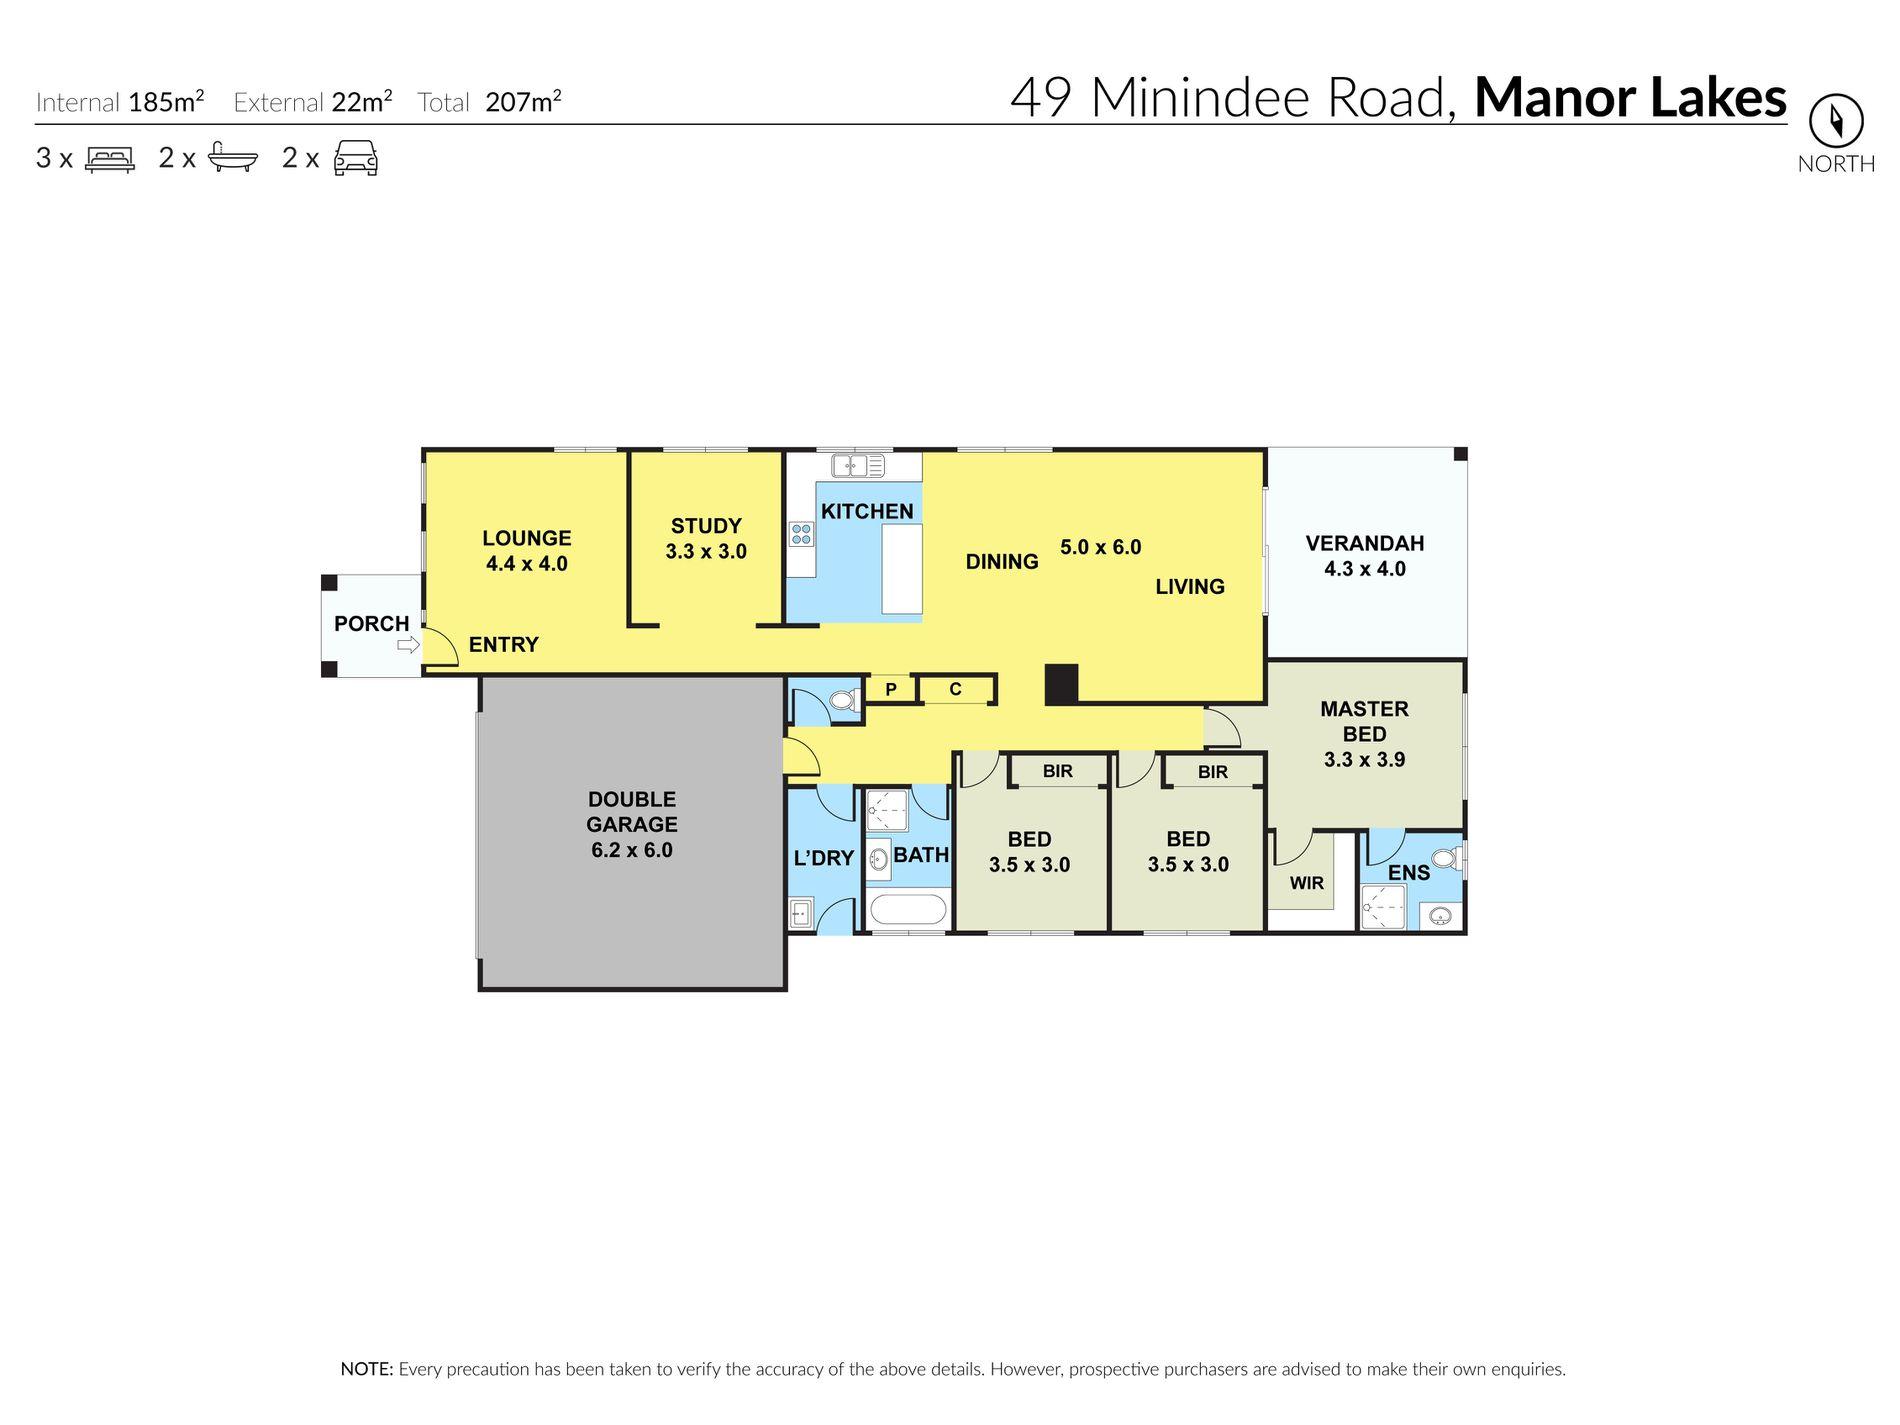 49 Minindee Road, Manor Lakes